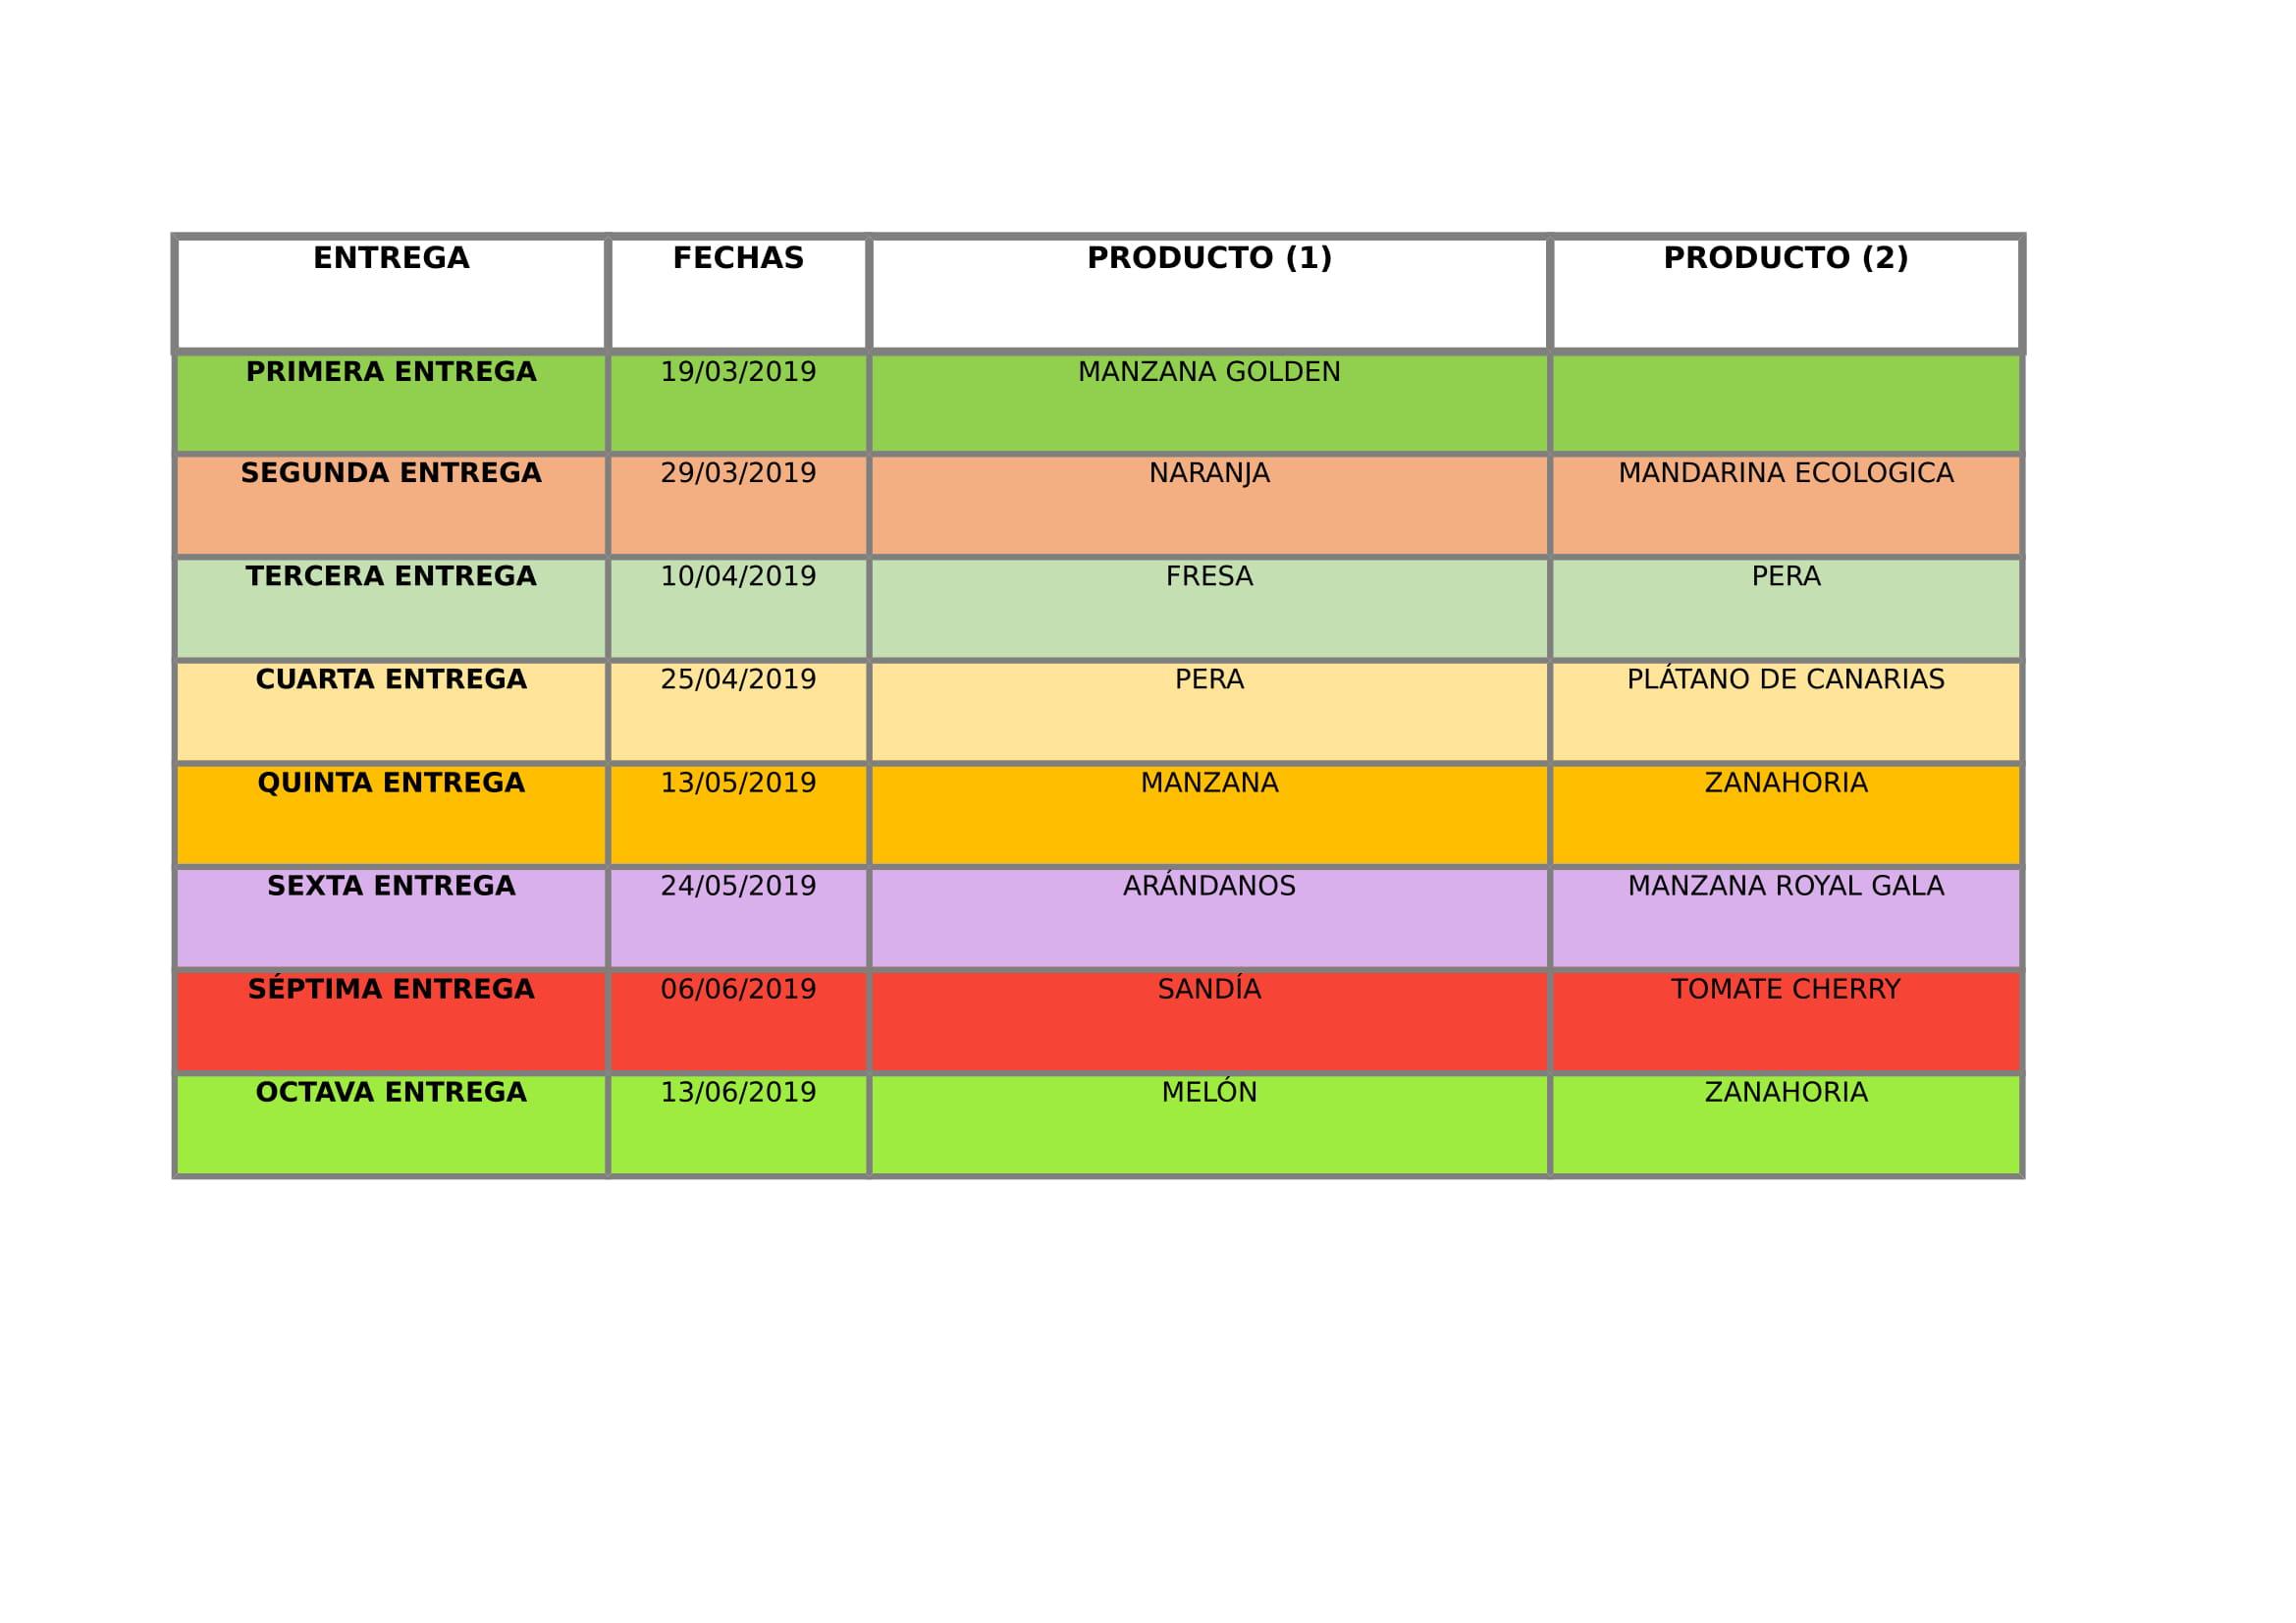 Actividadesfamiliaaboutcom Calendario 2020.Calendario Hortalizas